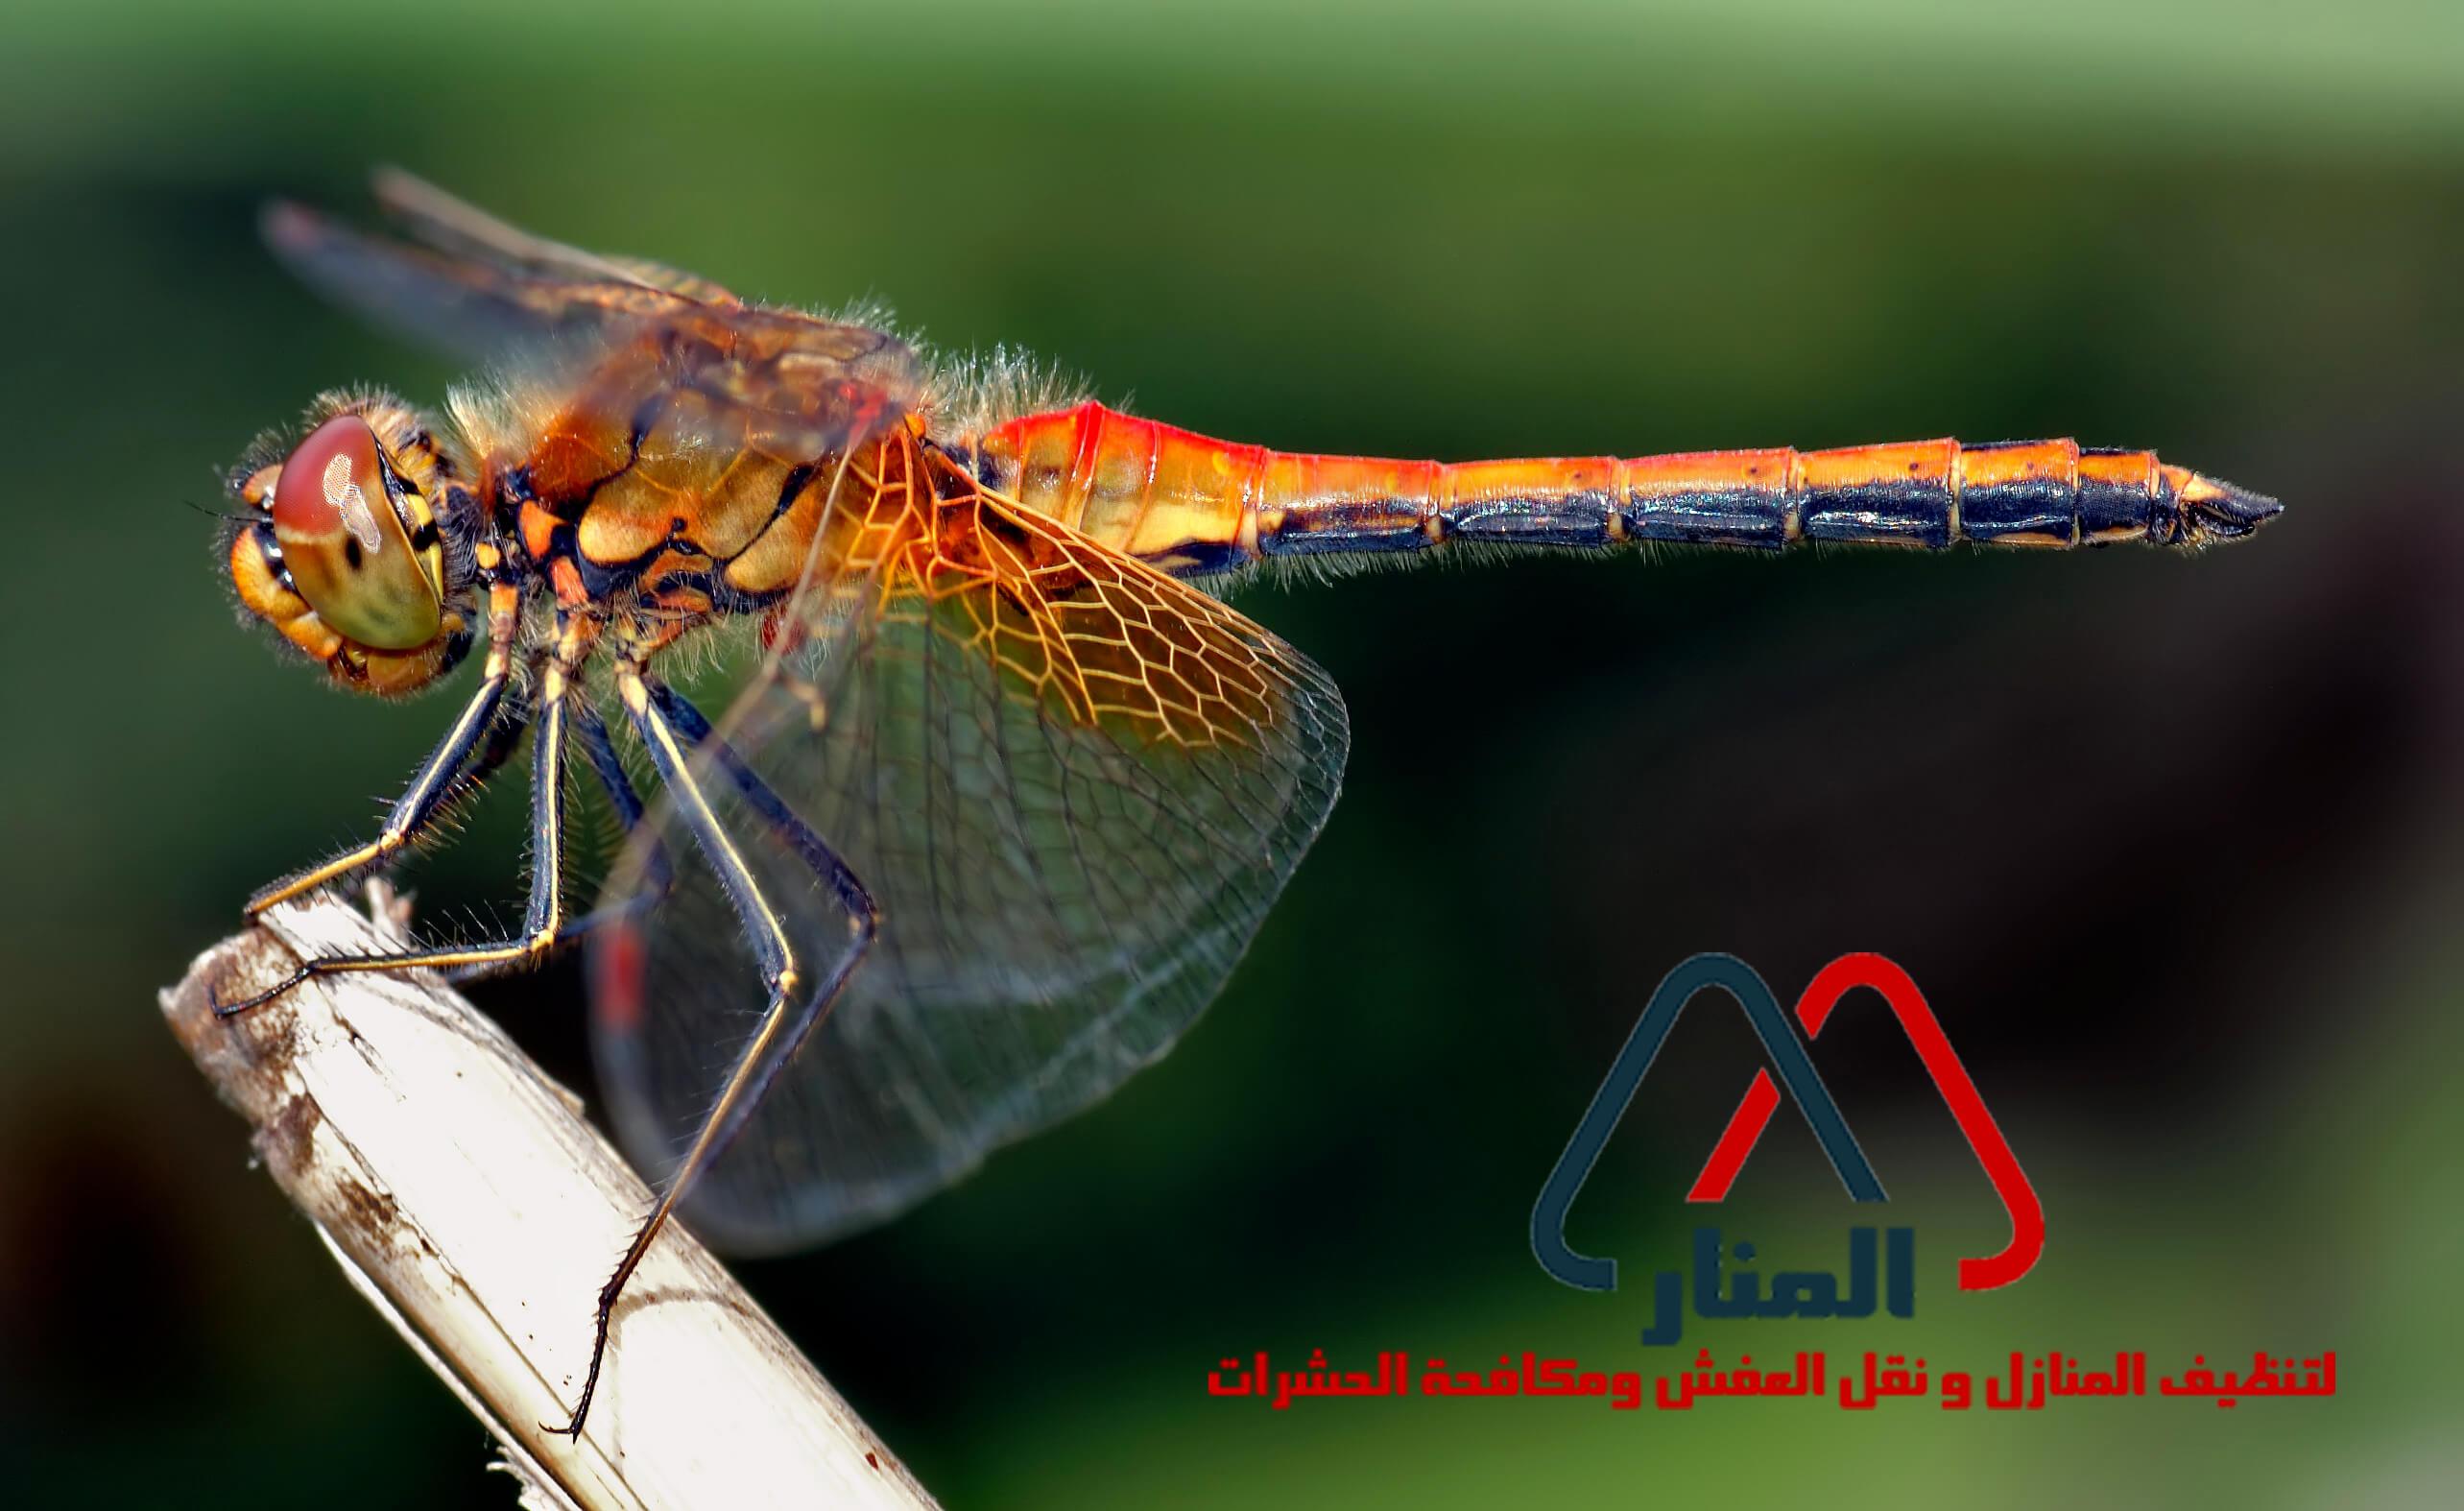 حشرة اليعسوب